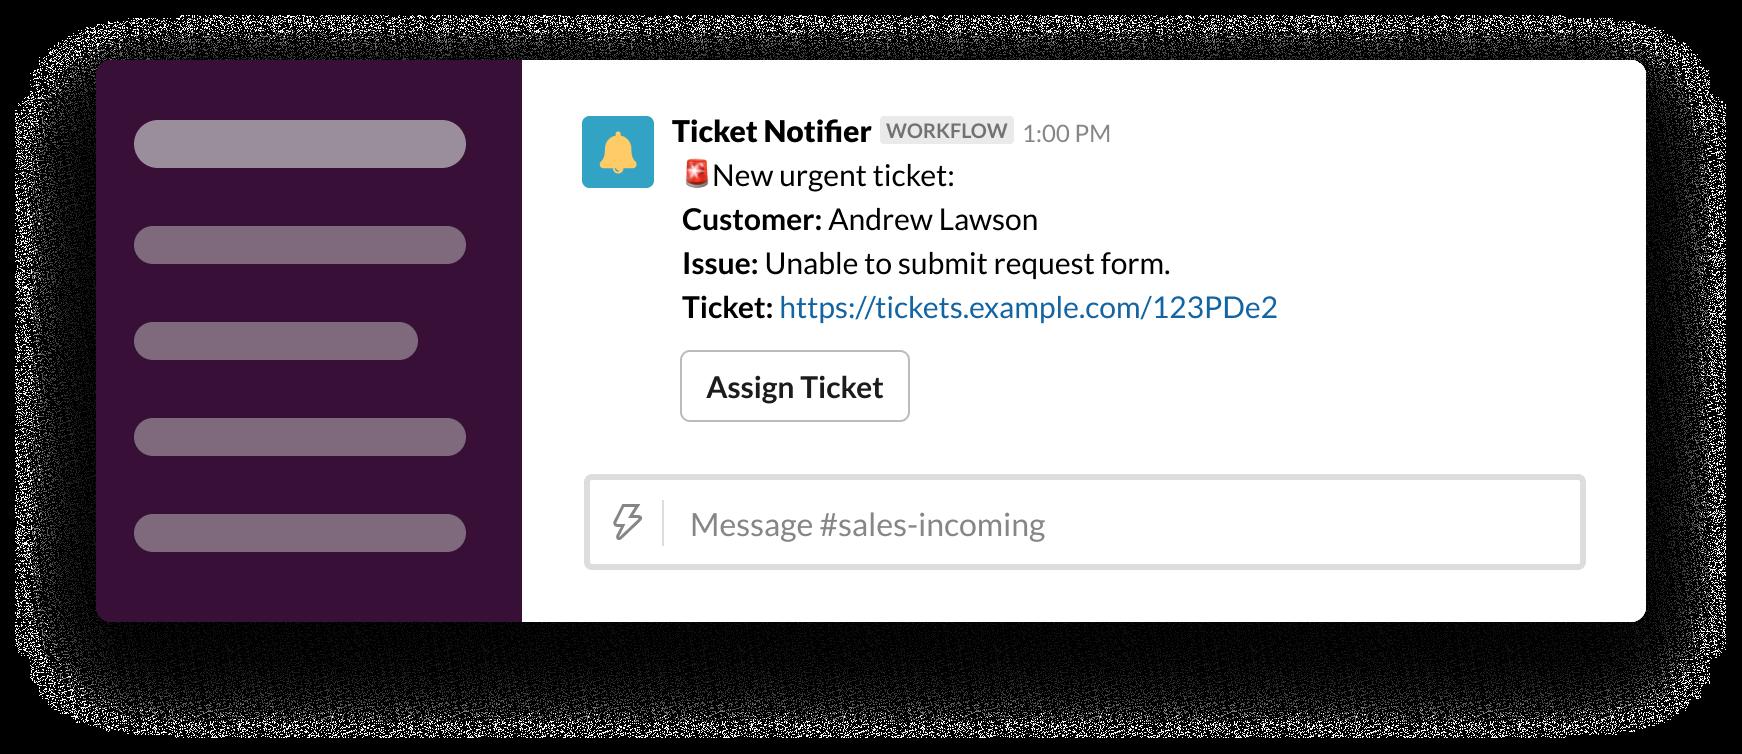 Un webhook envoie un ticket dans Slack via le générateur de flux de travail